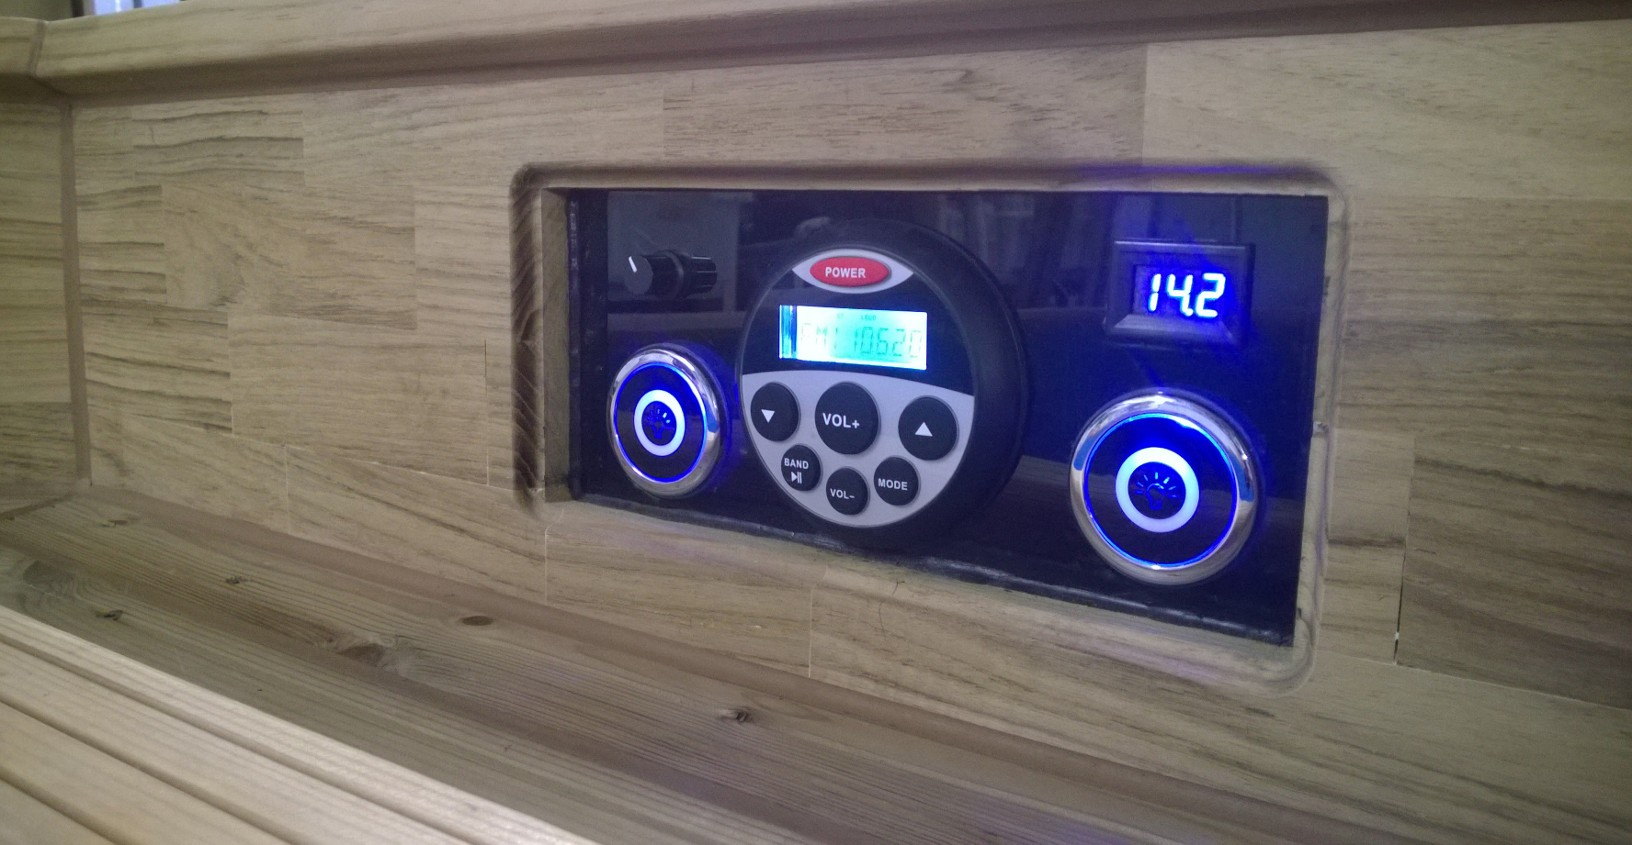 Käyttöpaneeli, jossa mm. digitaalinen lämpömittari